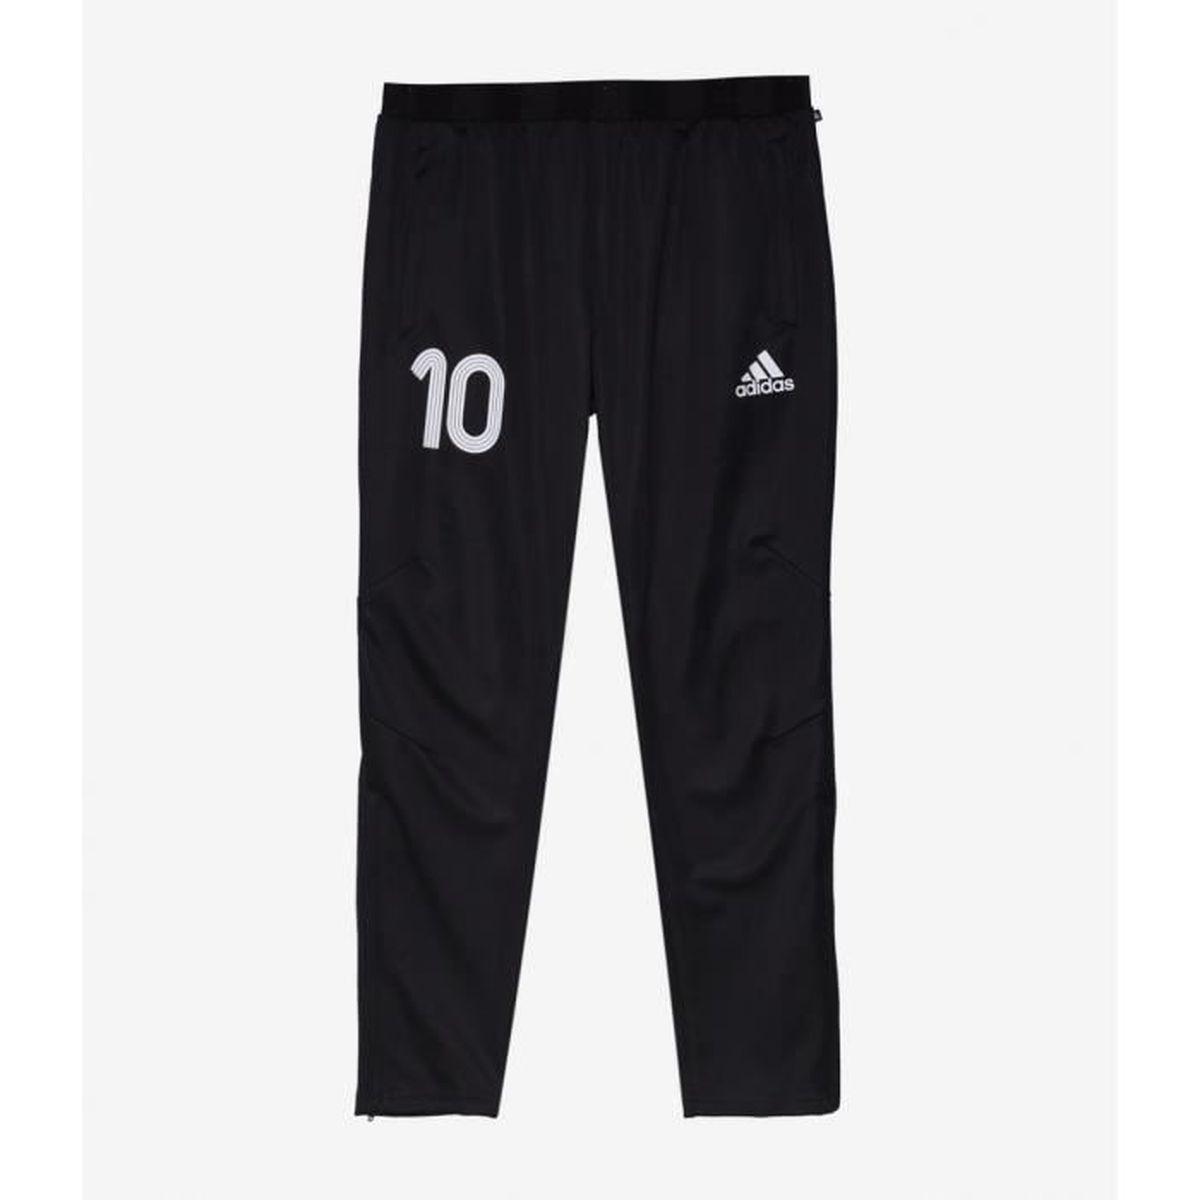 Adidas Hommes Football Pantalon de Survêtement UFB Entraînement Gris Fonçé S